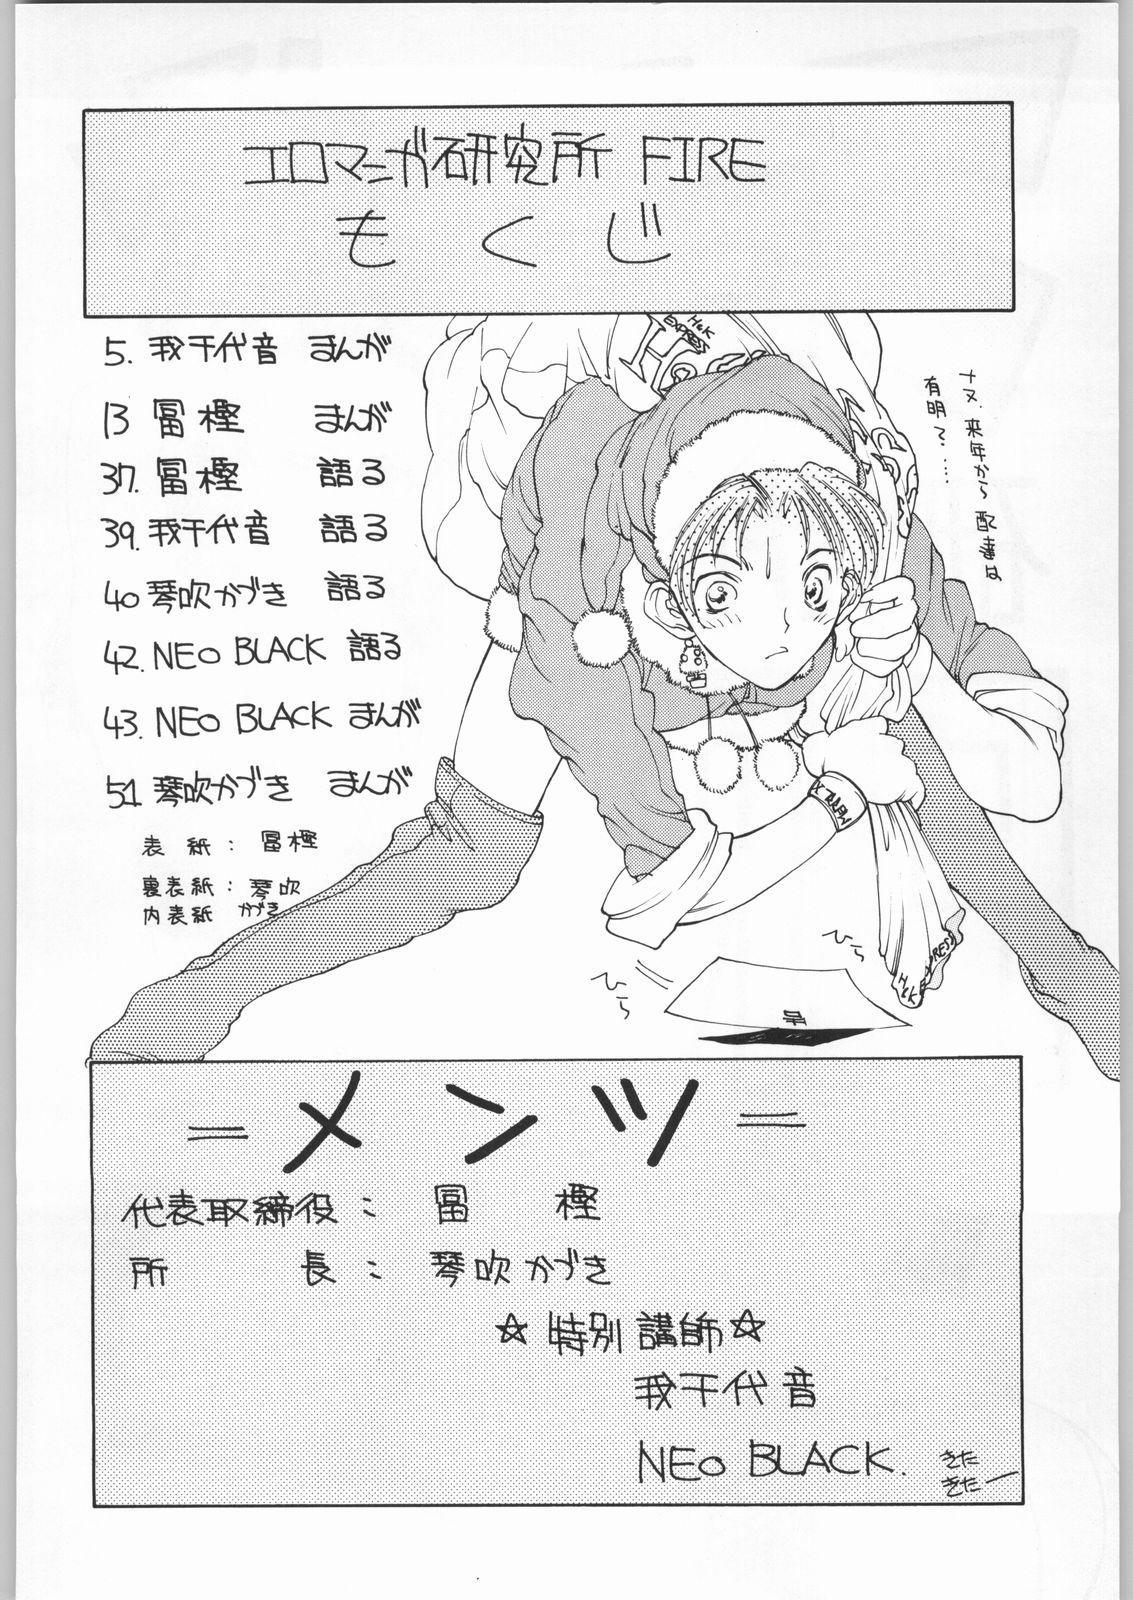 Ero Manga Kenkyuujo FIRE 2